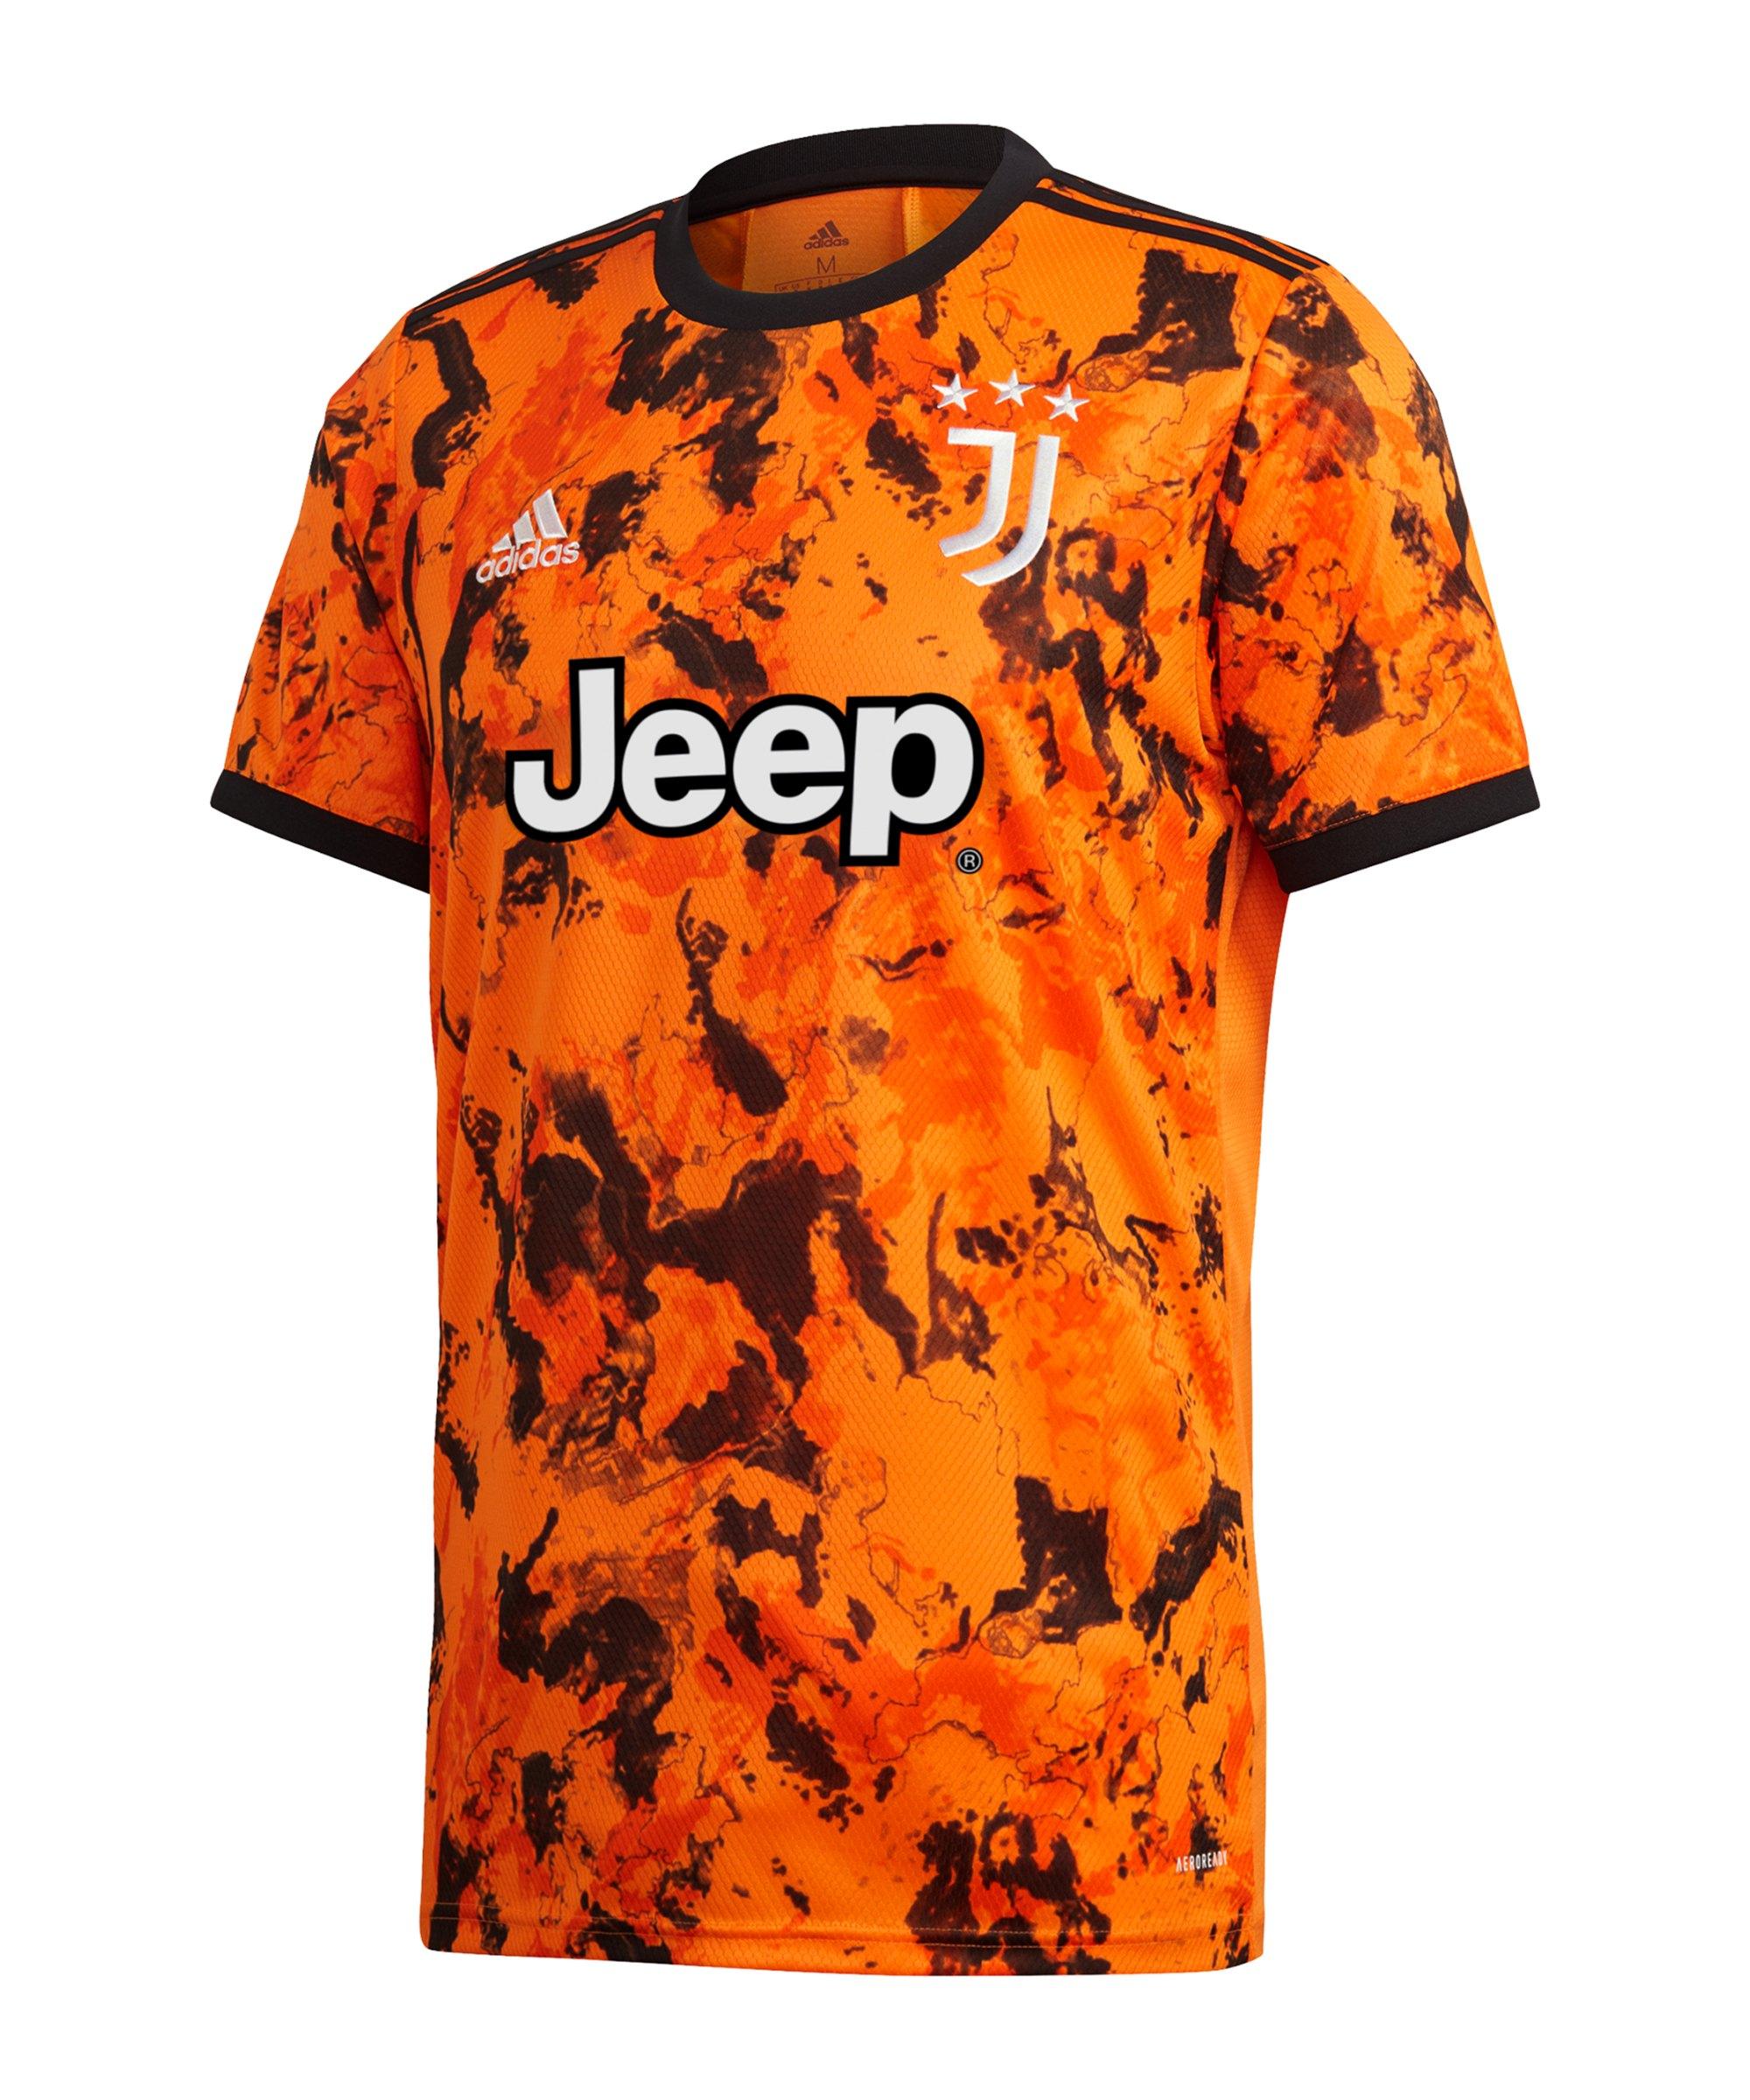 adidas Juventus Turin Trikot UCL 2020/2021 Orange - orange